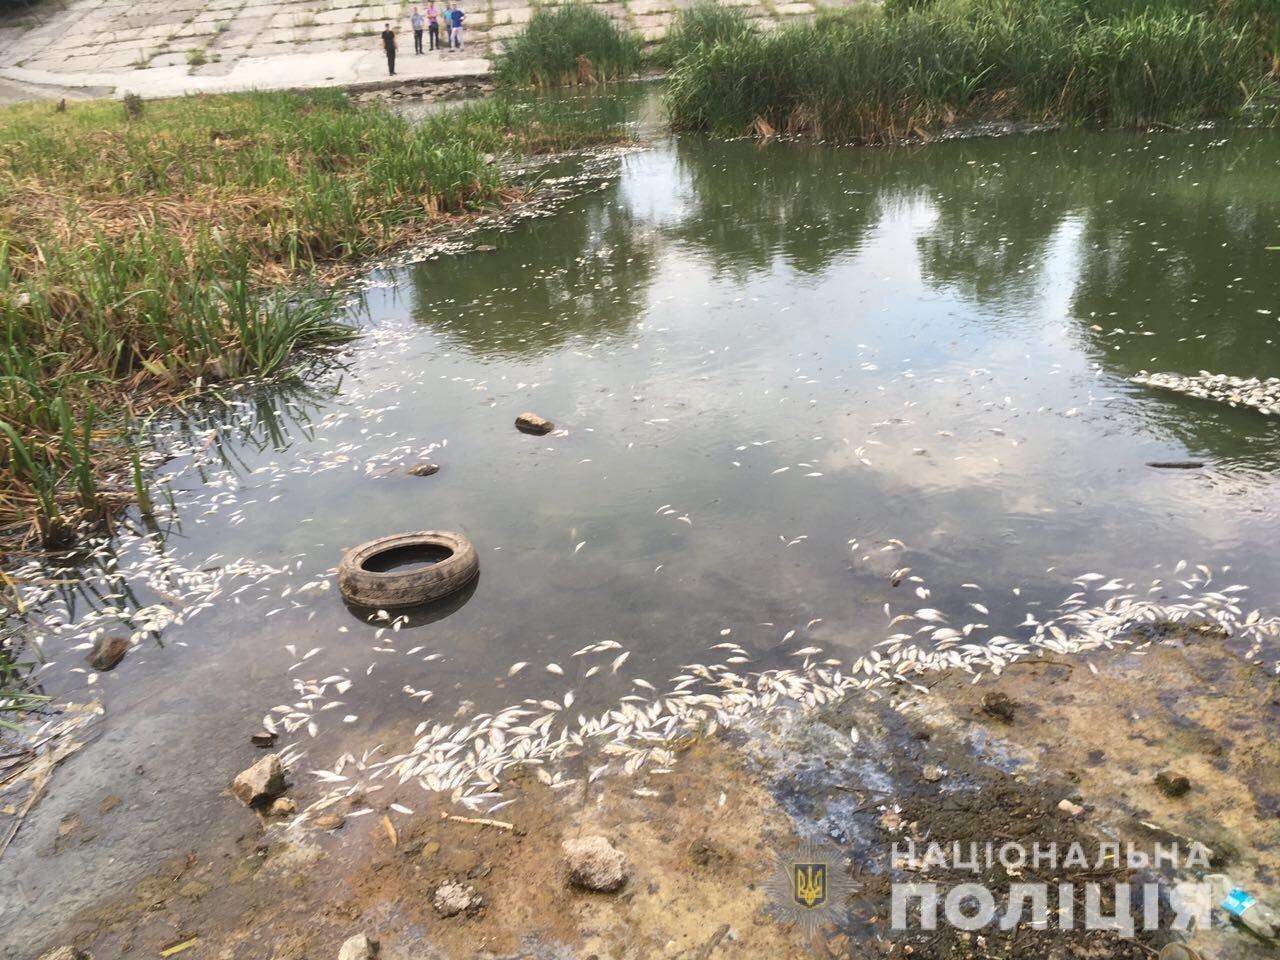 Массовый мор рыбы в Харькове: полиция проводит расследование, - ФОТО, фото-2